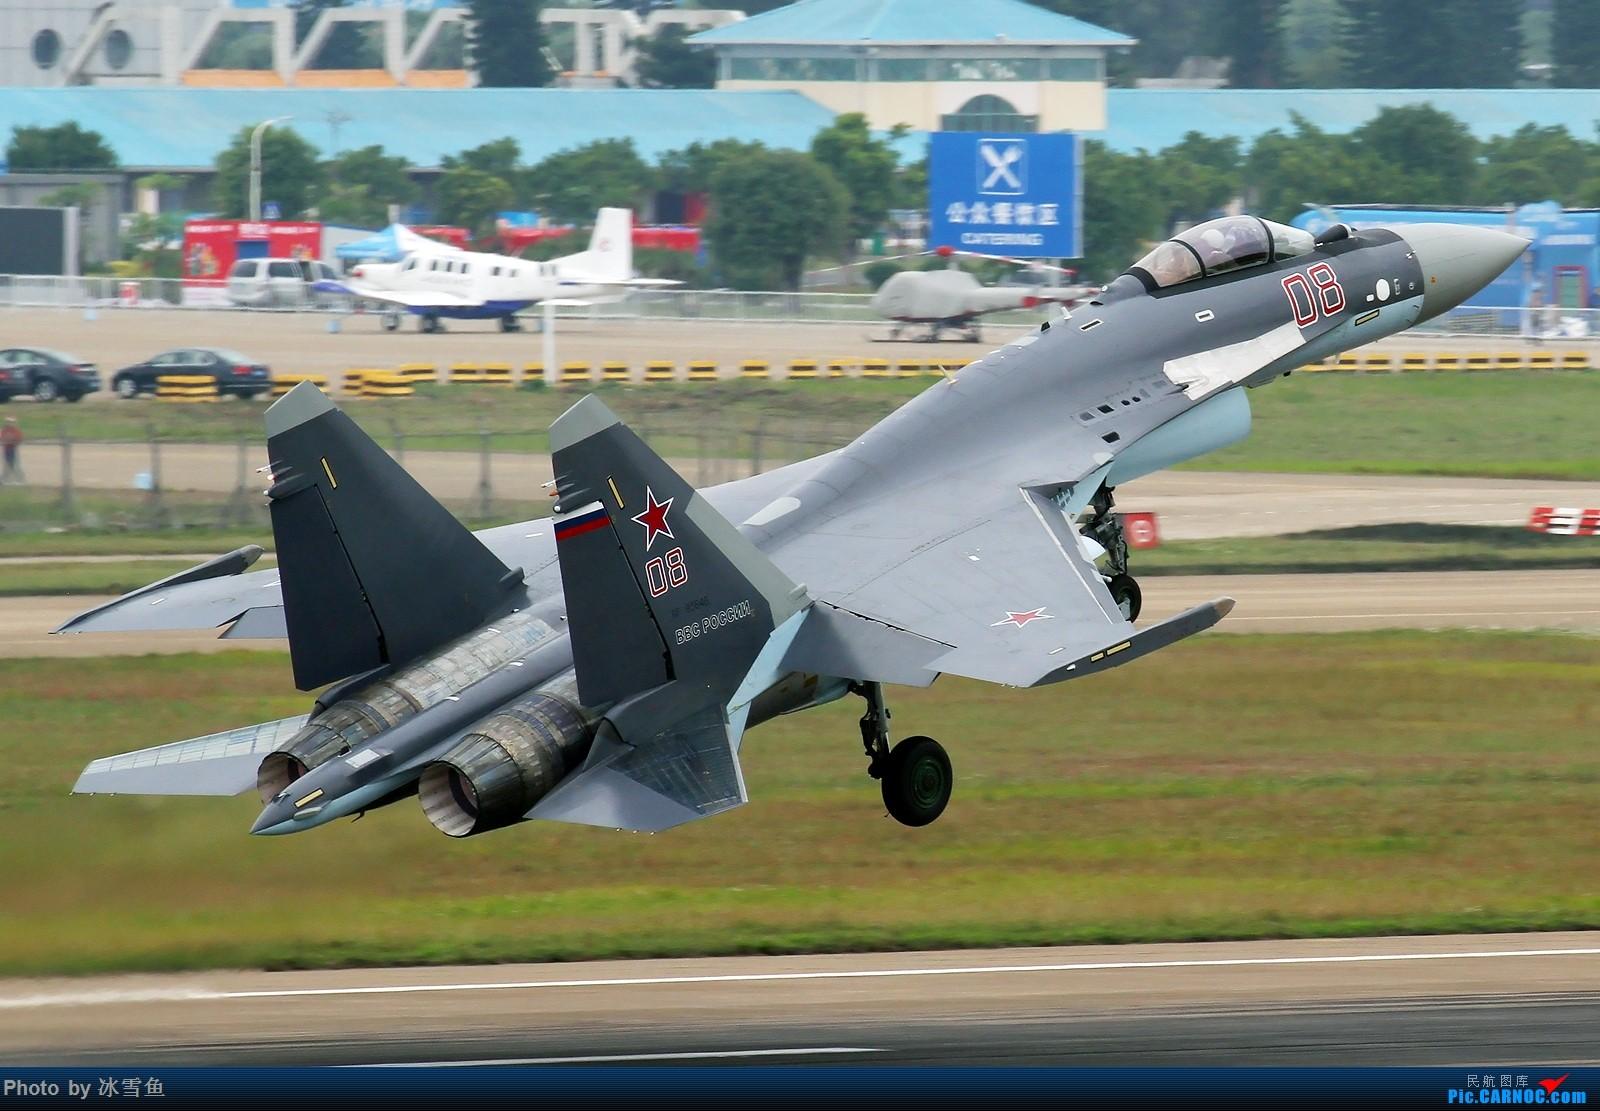 Re:【BLDDQ-昆明飞友会】又到一年航展时——人更多、价更高............ SU-35 RF-93648 中国珠海金湾机场